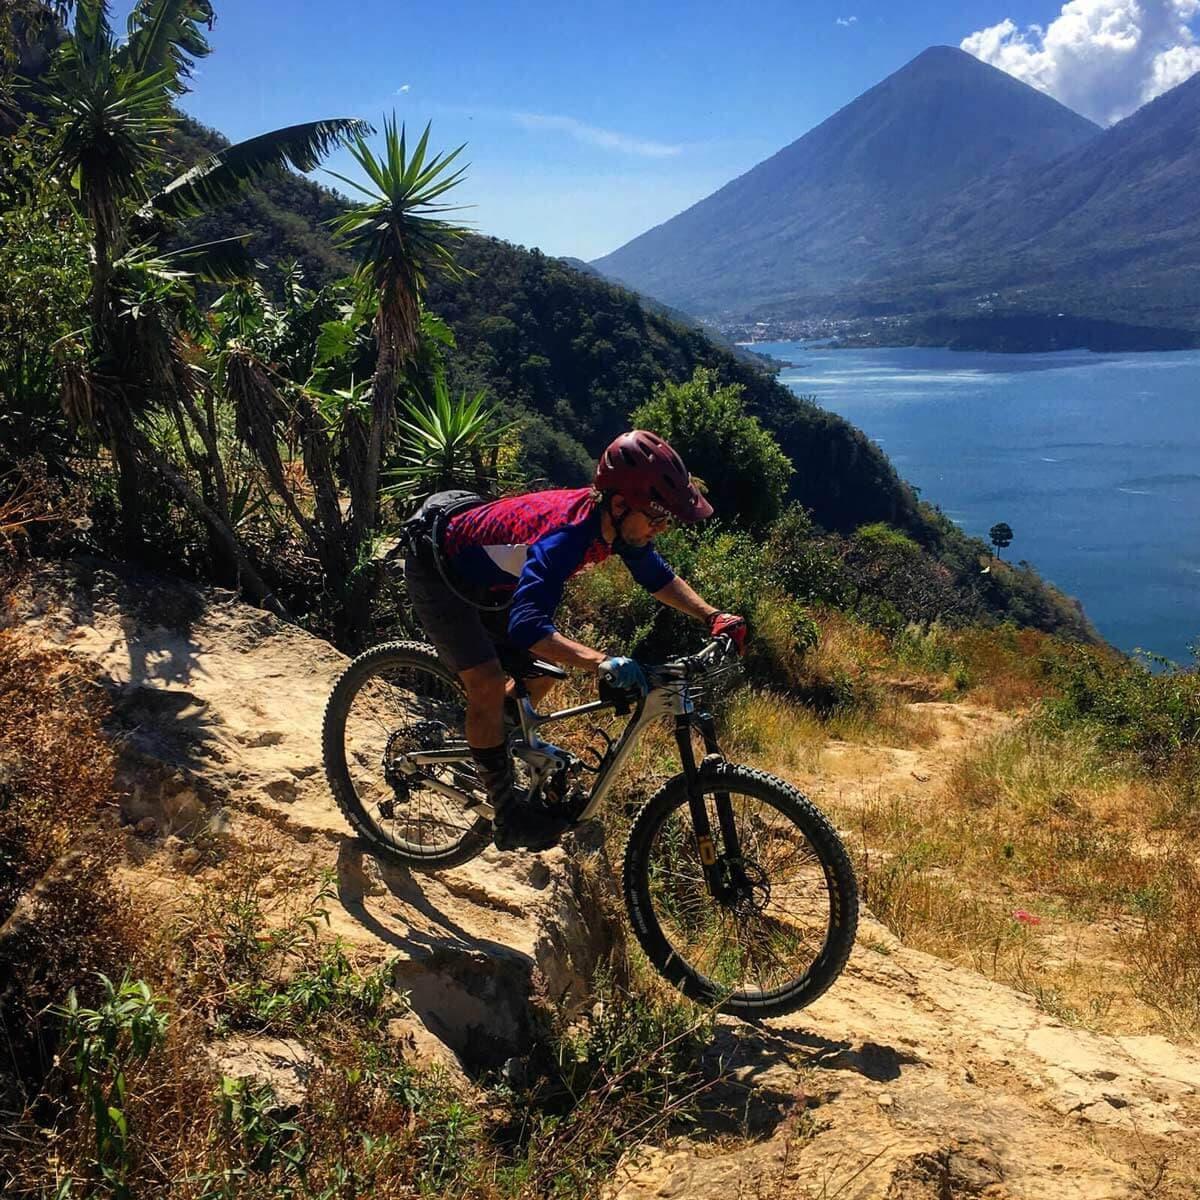 Lake Atitlan Slickrock descent MTB